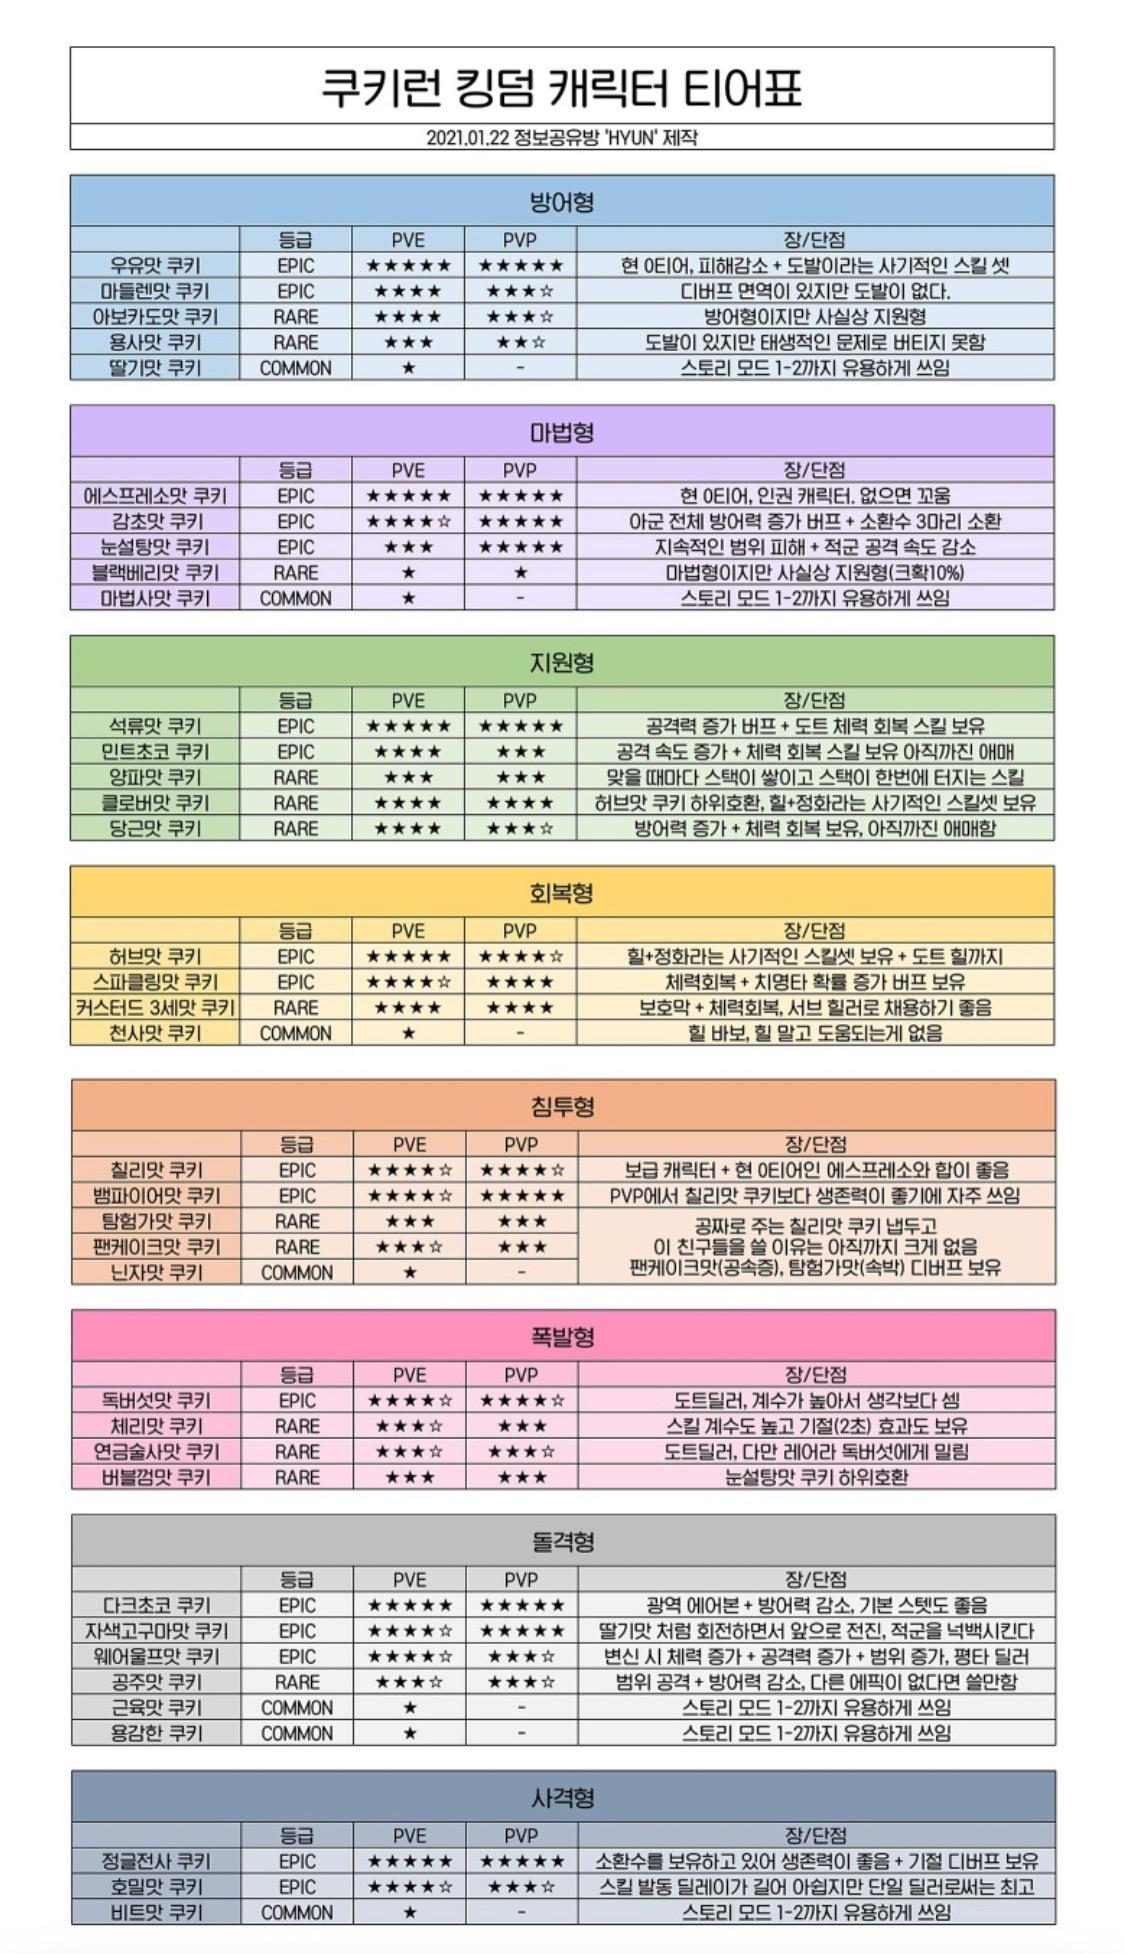 쿠키런 킹덤 등급표와 토핑 셋팅 추천(2021년1월기준)